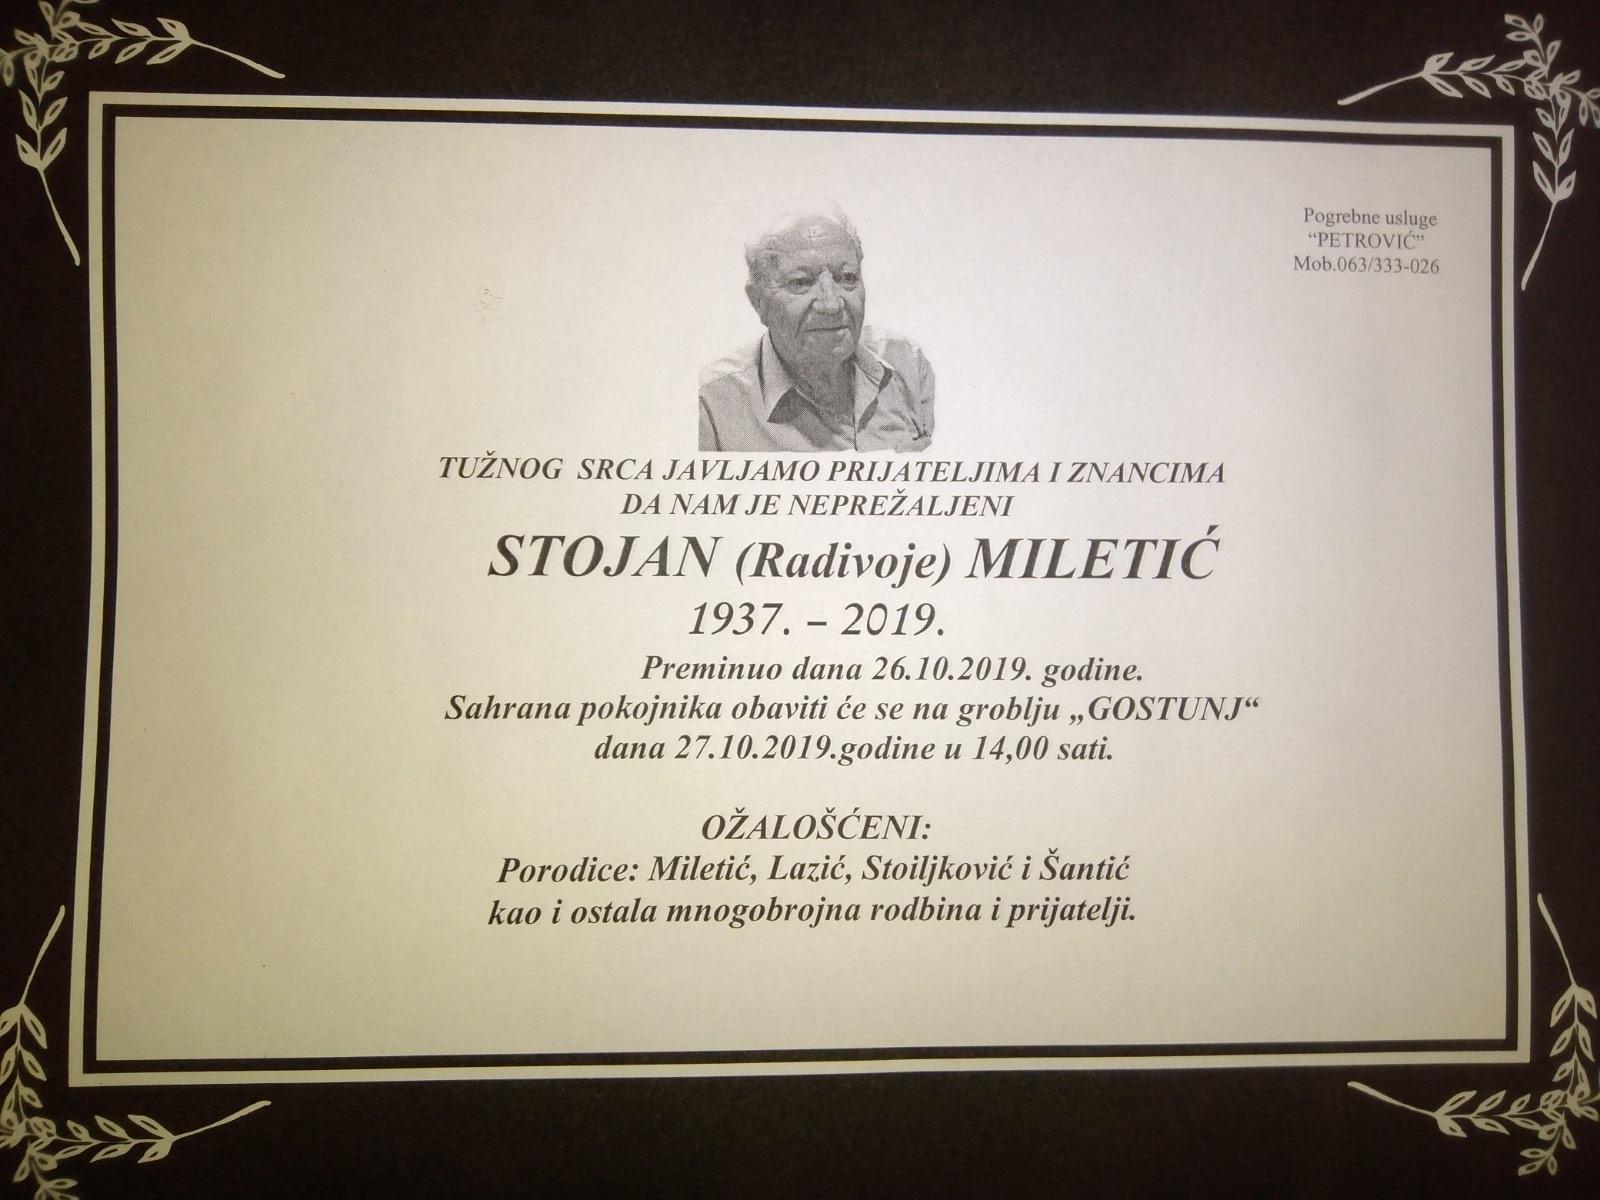 Stojan (Radivoje) Miletić